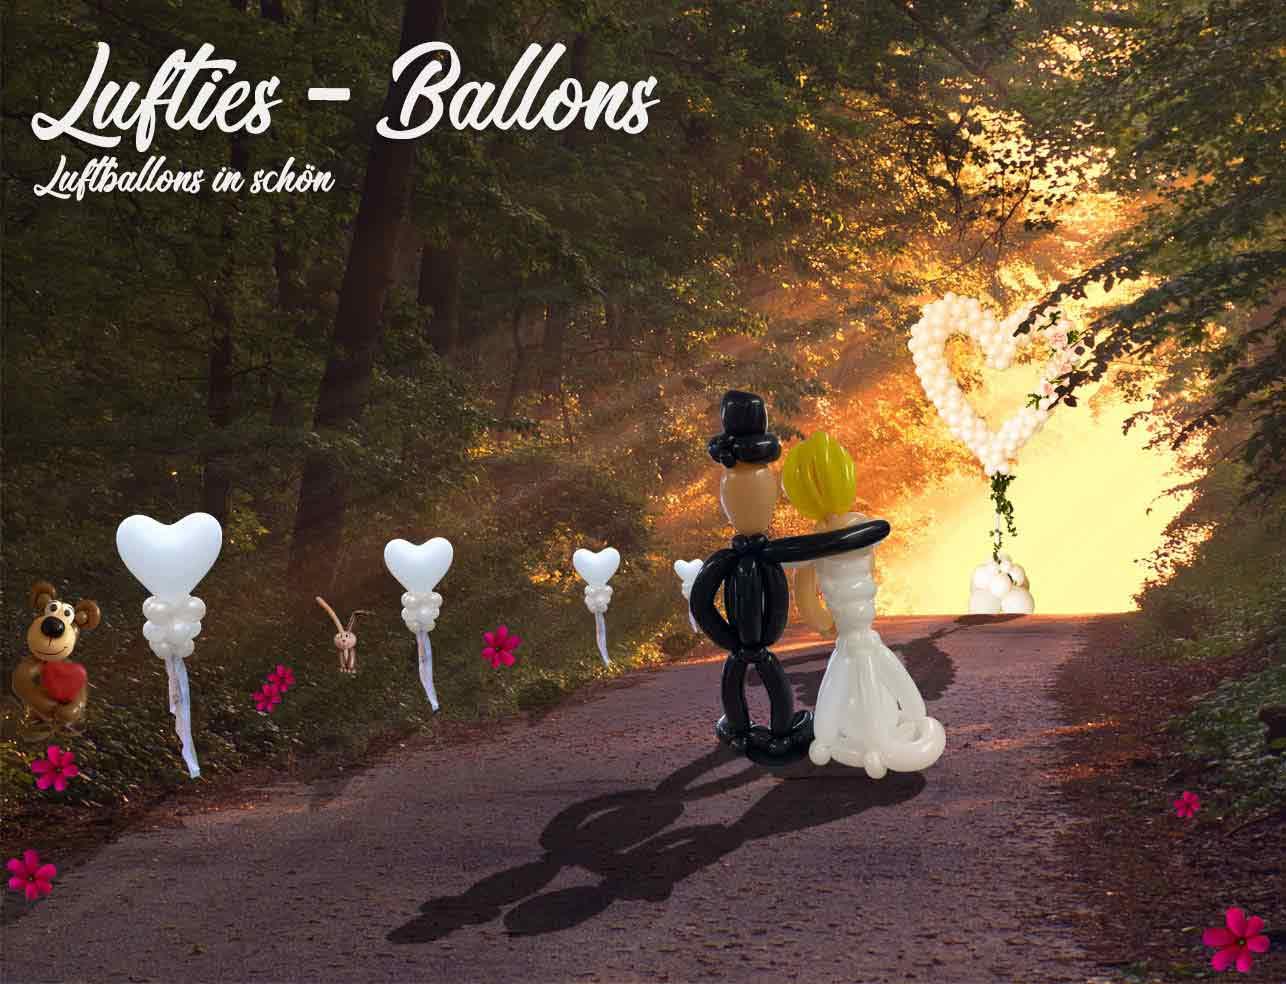 Lufties- Ballons - Luftballons in schön